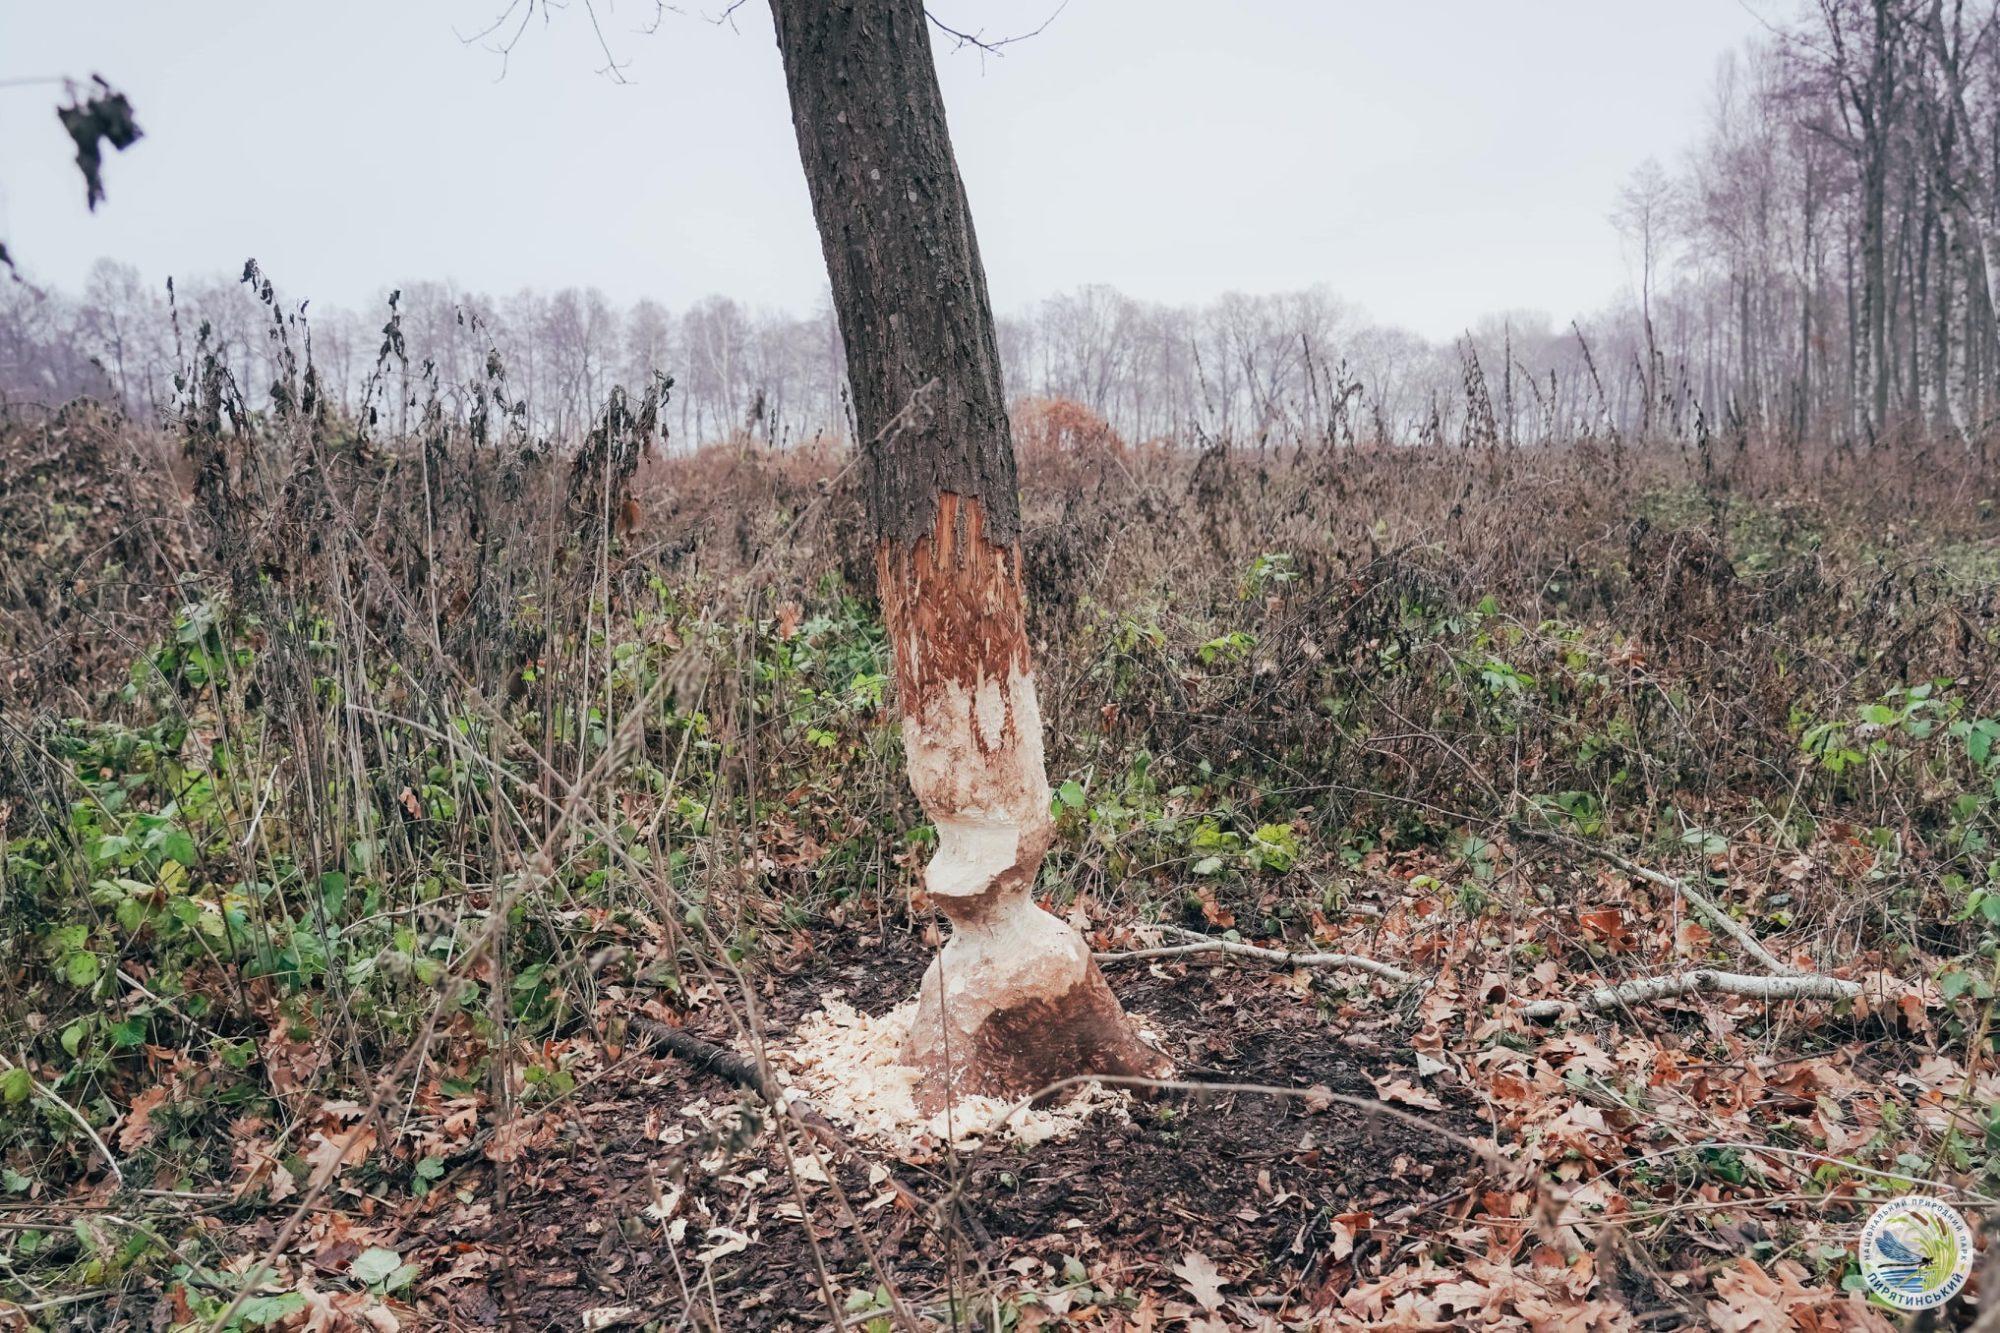 На перший другий розрахуйсь: в Україні розпочався «перепис» бобрів - Тварини, тварина, захист тварин, екосистема, екологія - 01 bober5 2000x1333